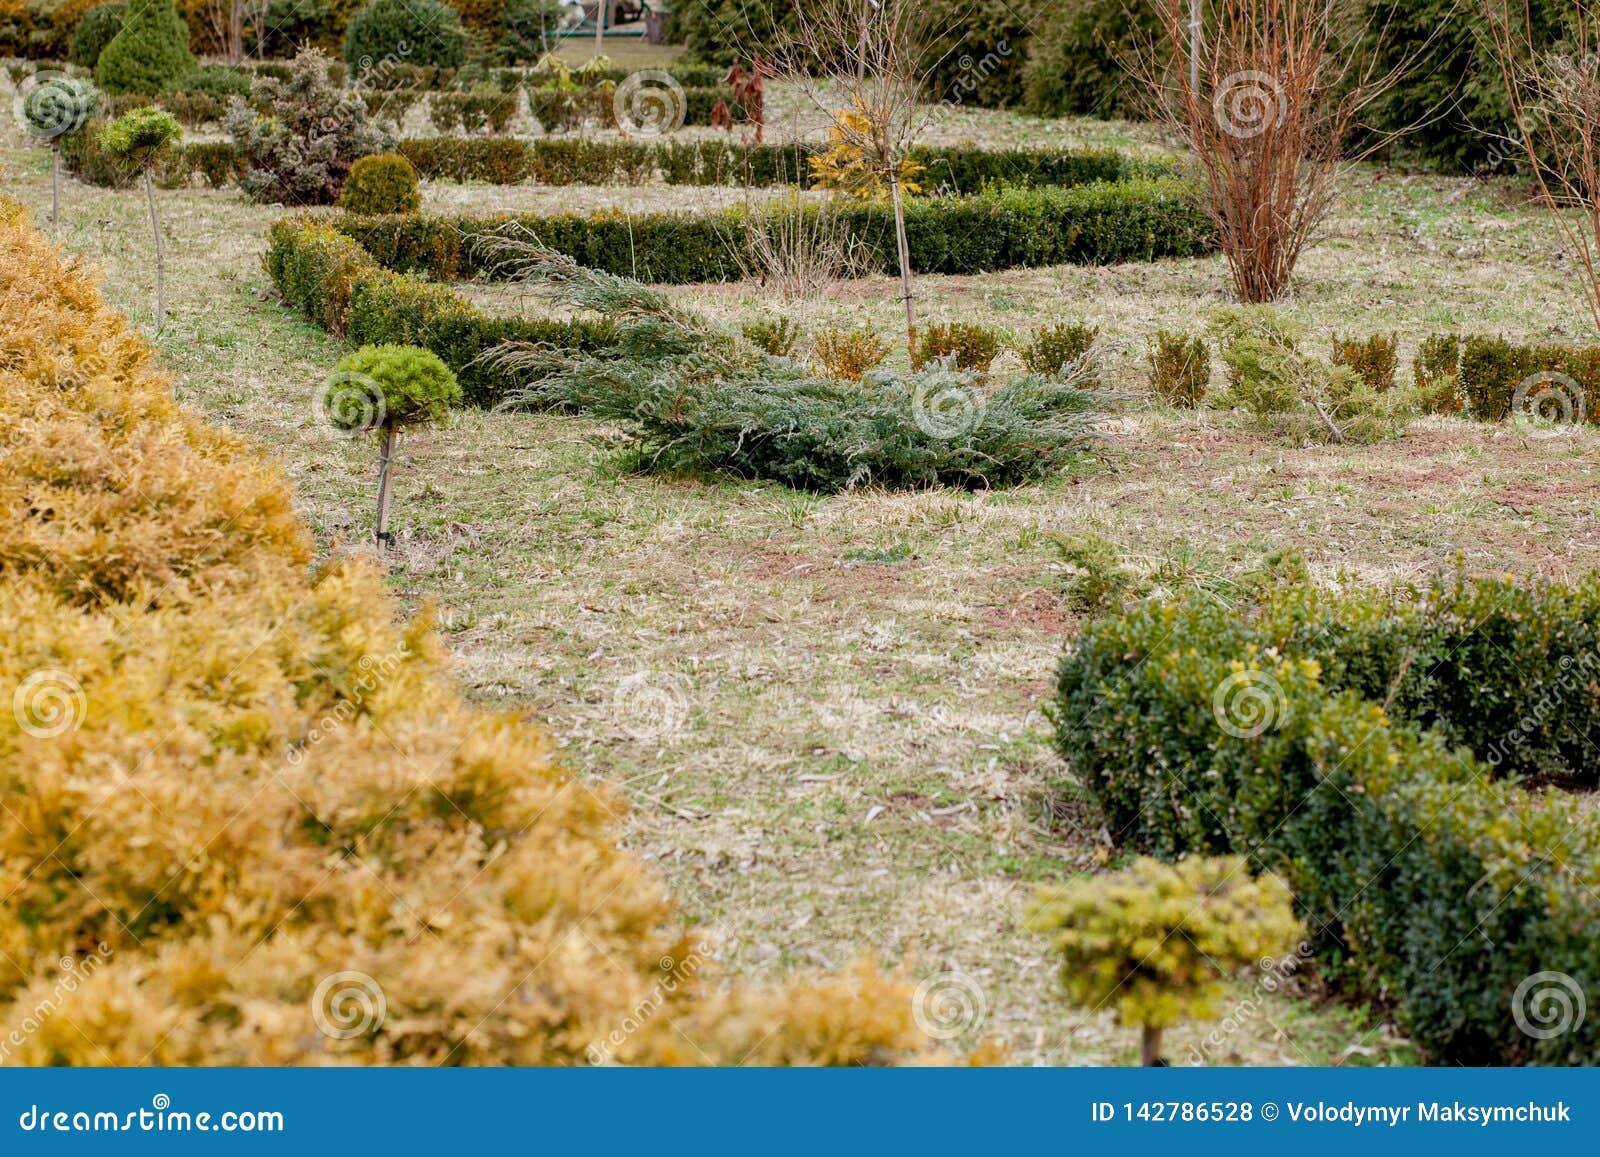 Natuurlijk het modelleren panorama in huistuin Mooie mening van gemodelleerde tuin in binnenplaats Landschap van het modelleren g